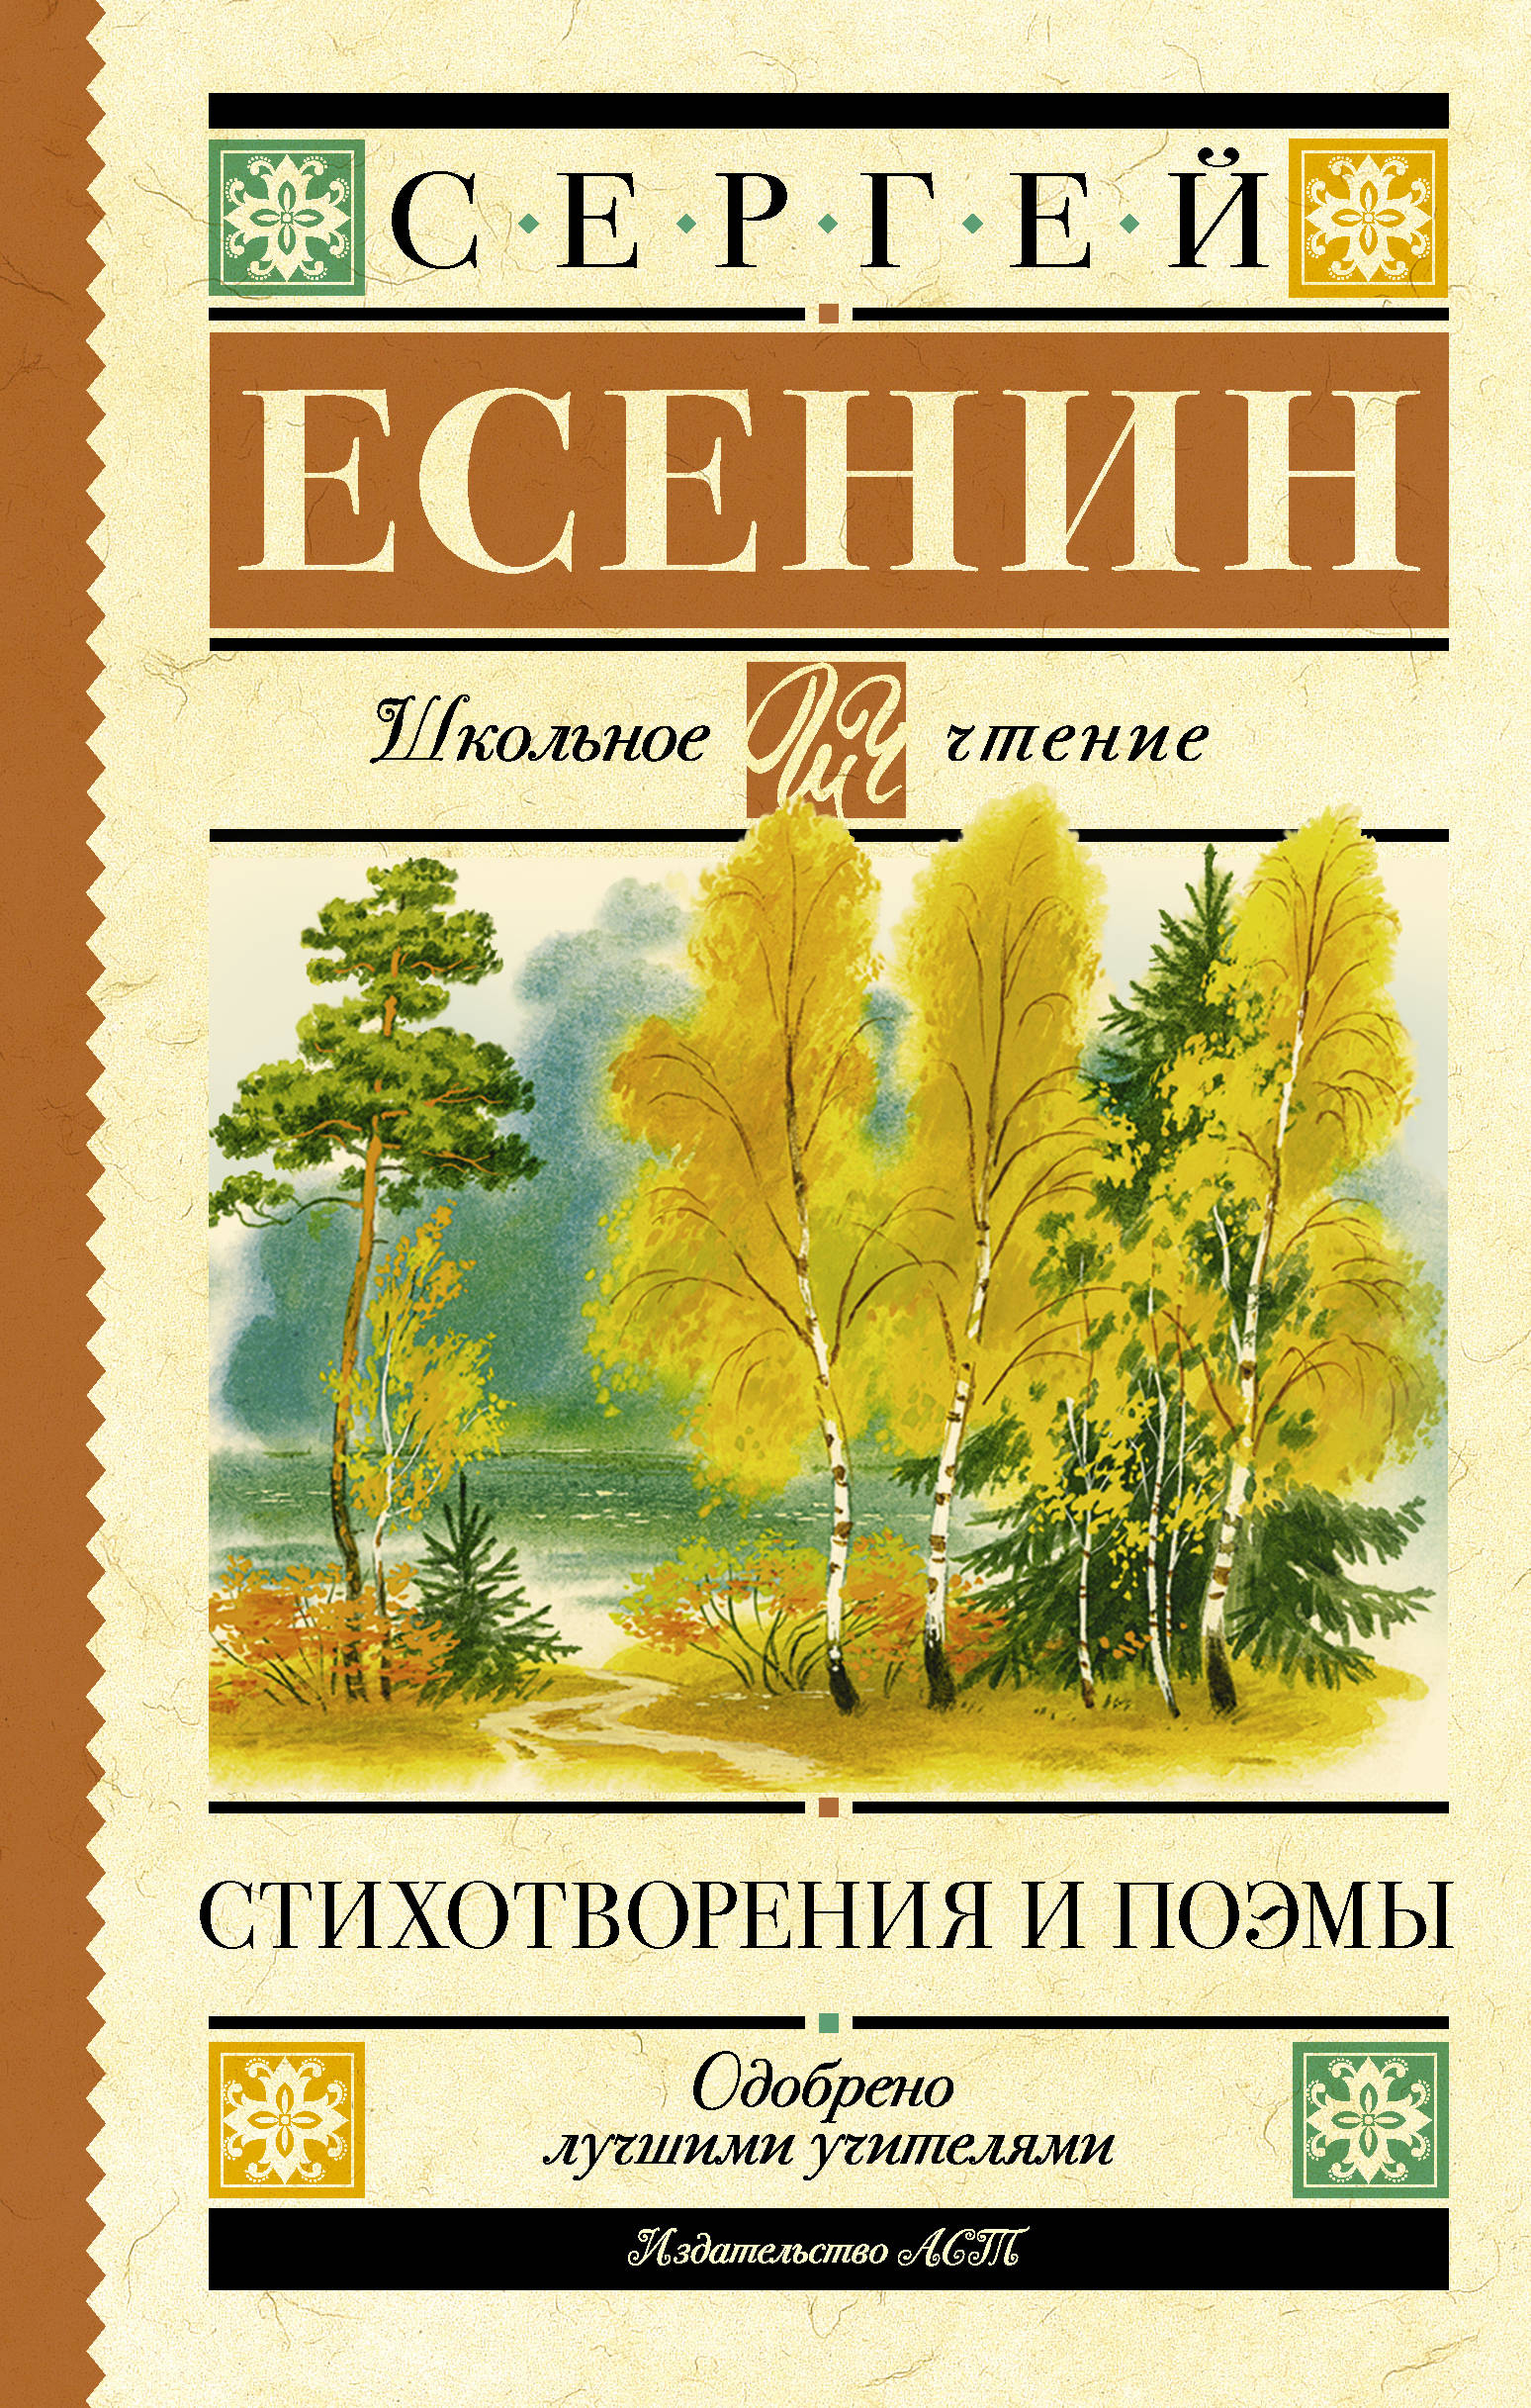 Сергей Есенин Сергей Есенин. Стихотворения и поэмы